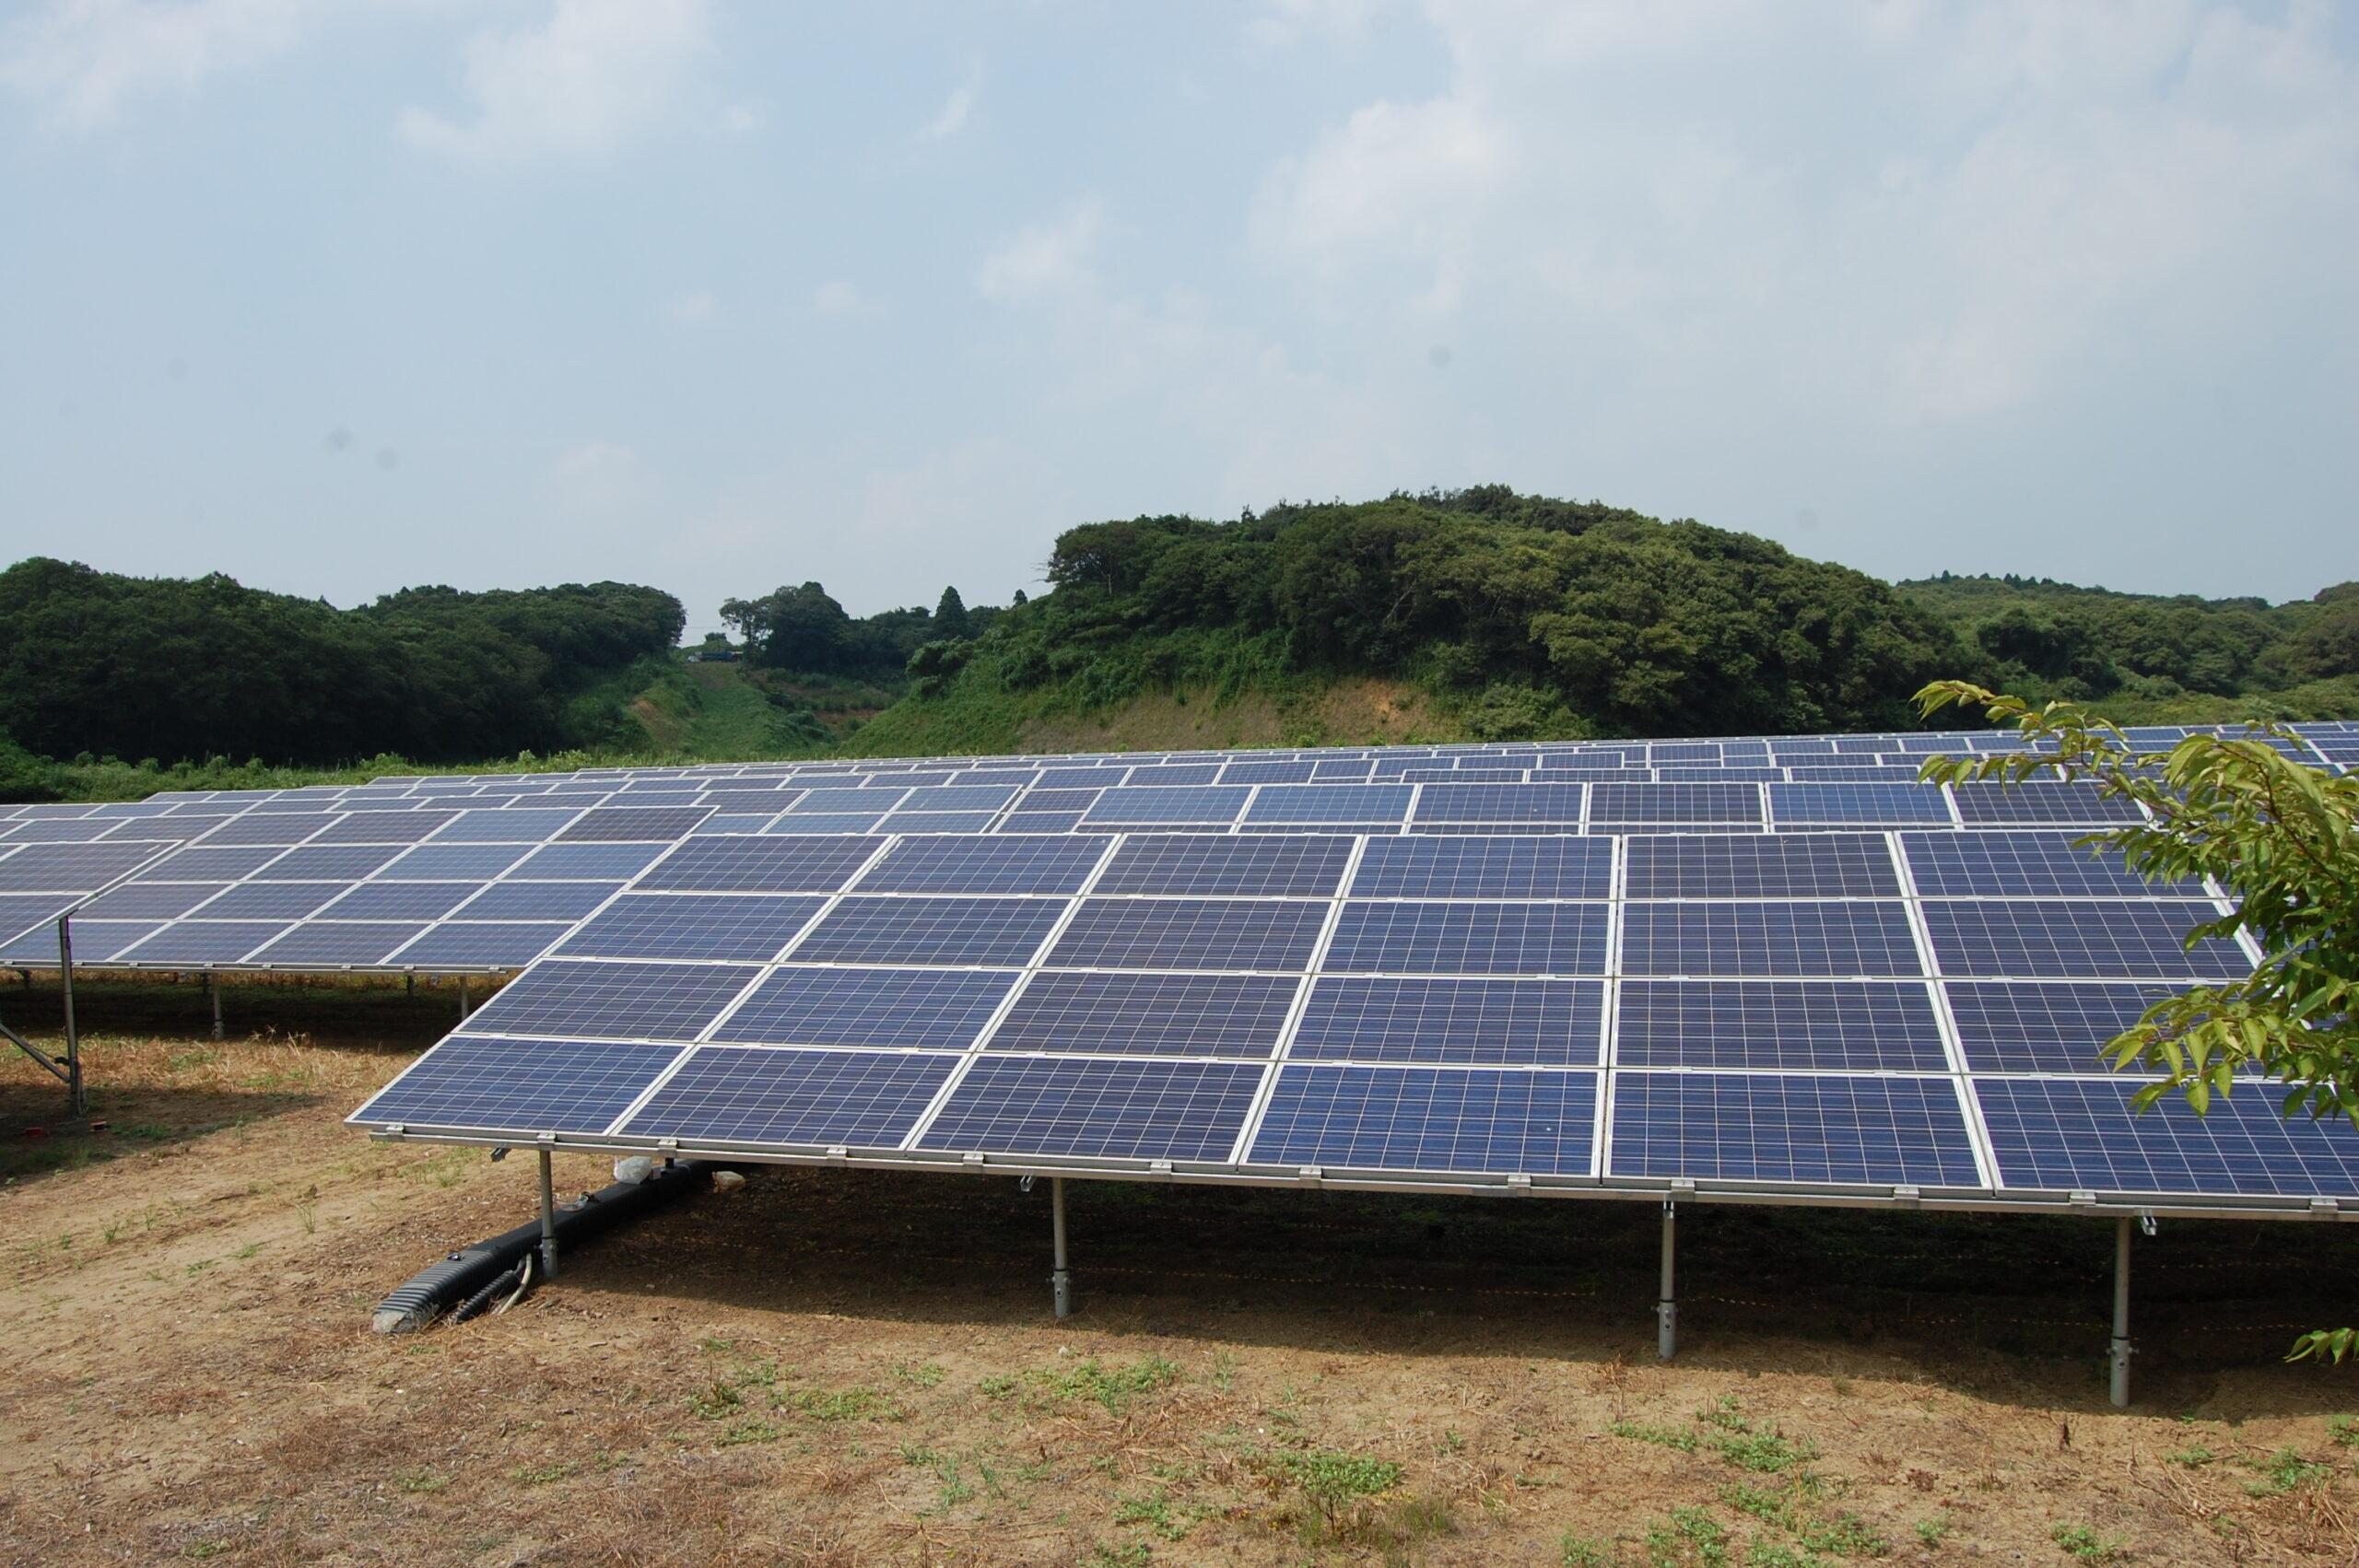 【投資家の方へ】太陽光業者がお伝えしたい:失敗しない発電所の買い方